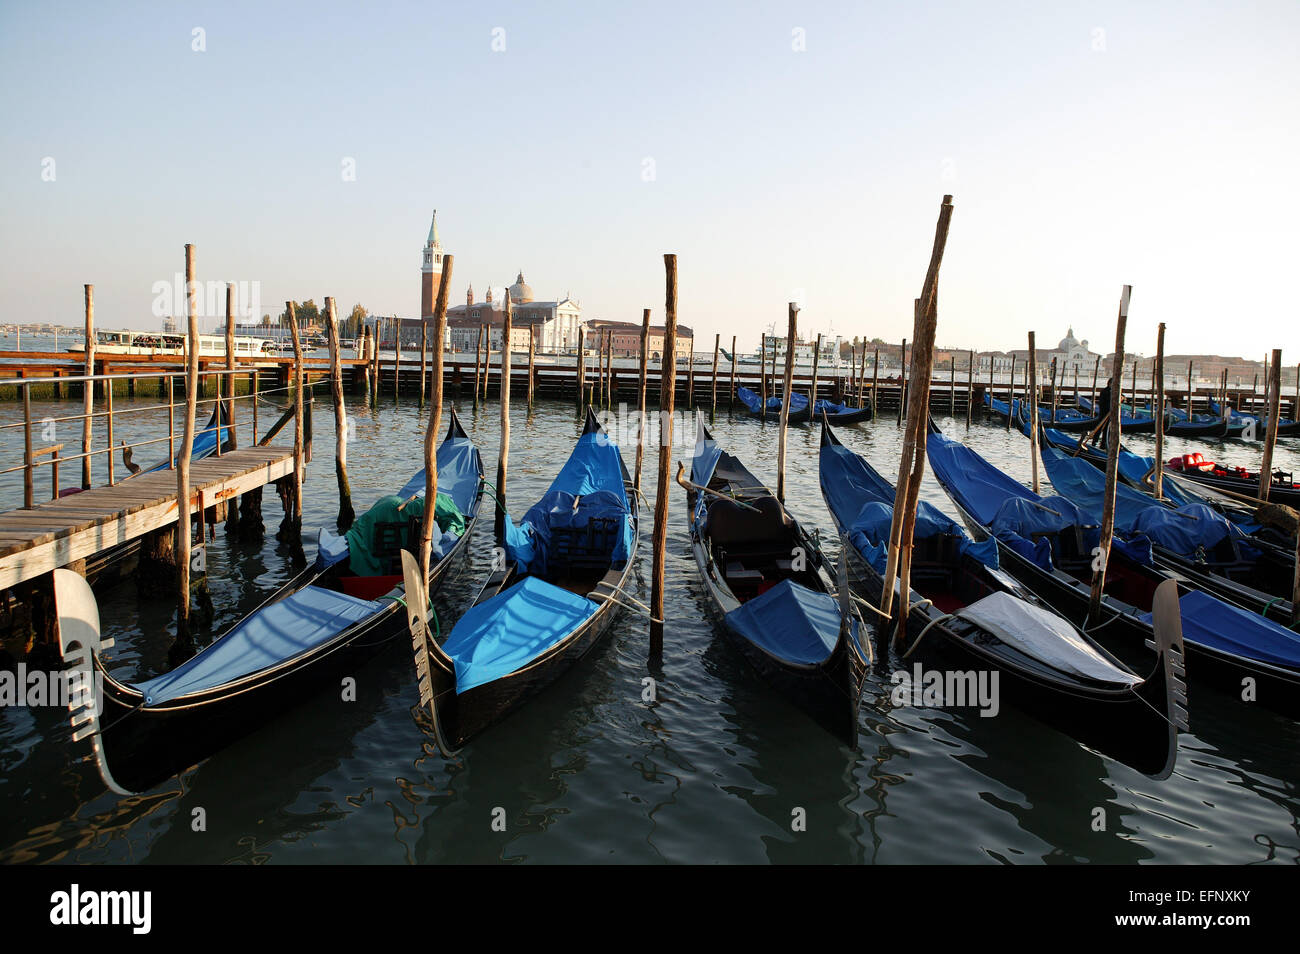 Italien Lagune Venedig Canale Grande Gondeln Kanal Europa Sueden Stadt Sehenswuerdigkeit Reisen Tourismus Ausflugsziel - Stock Image